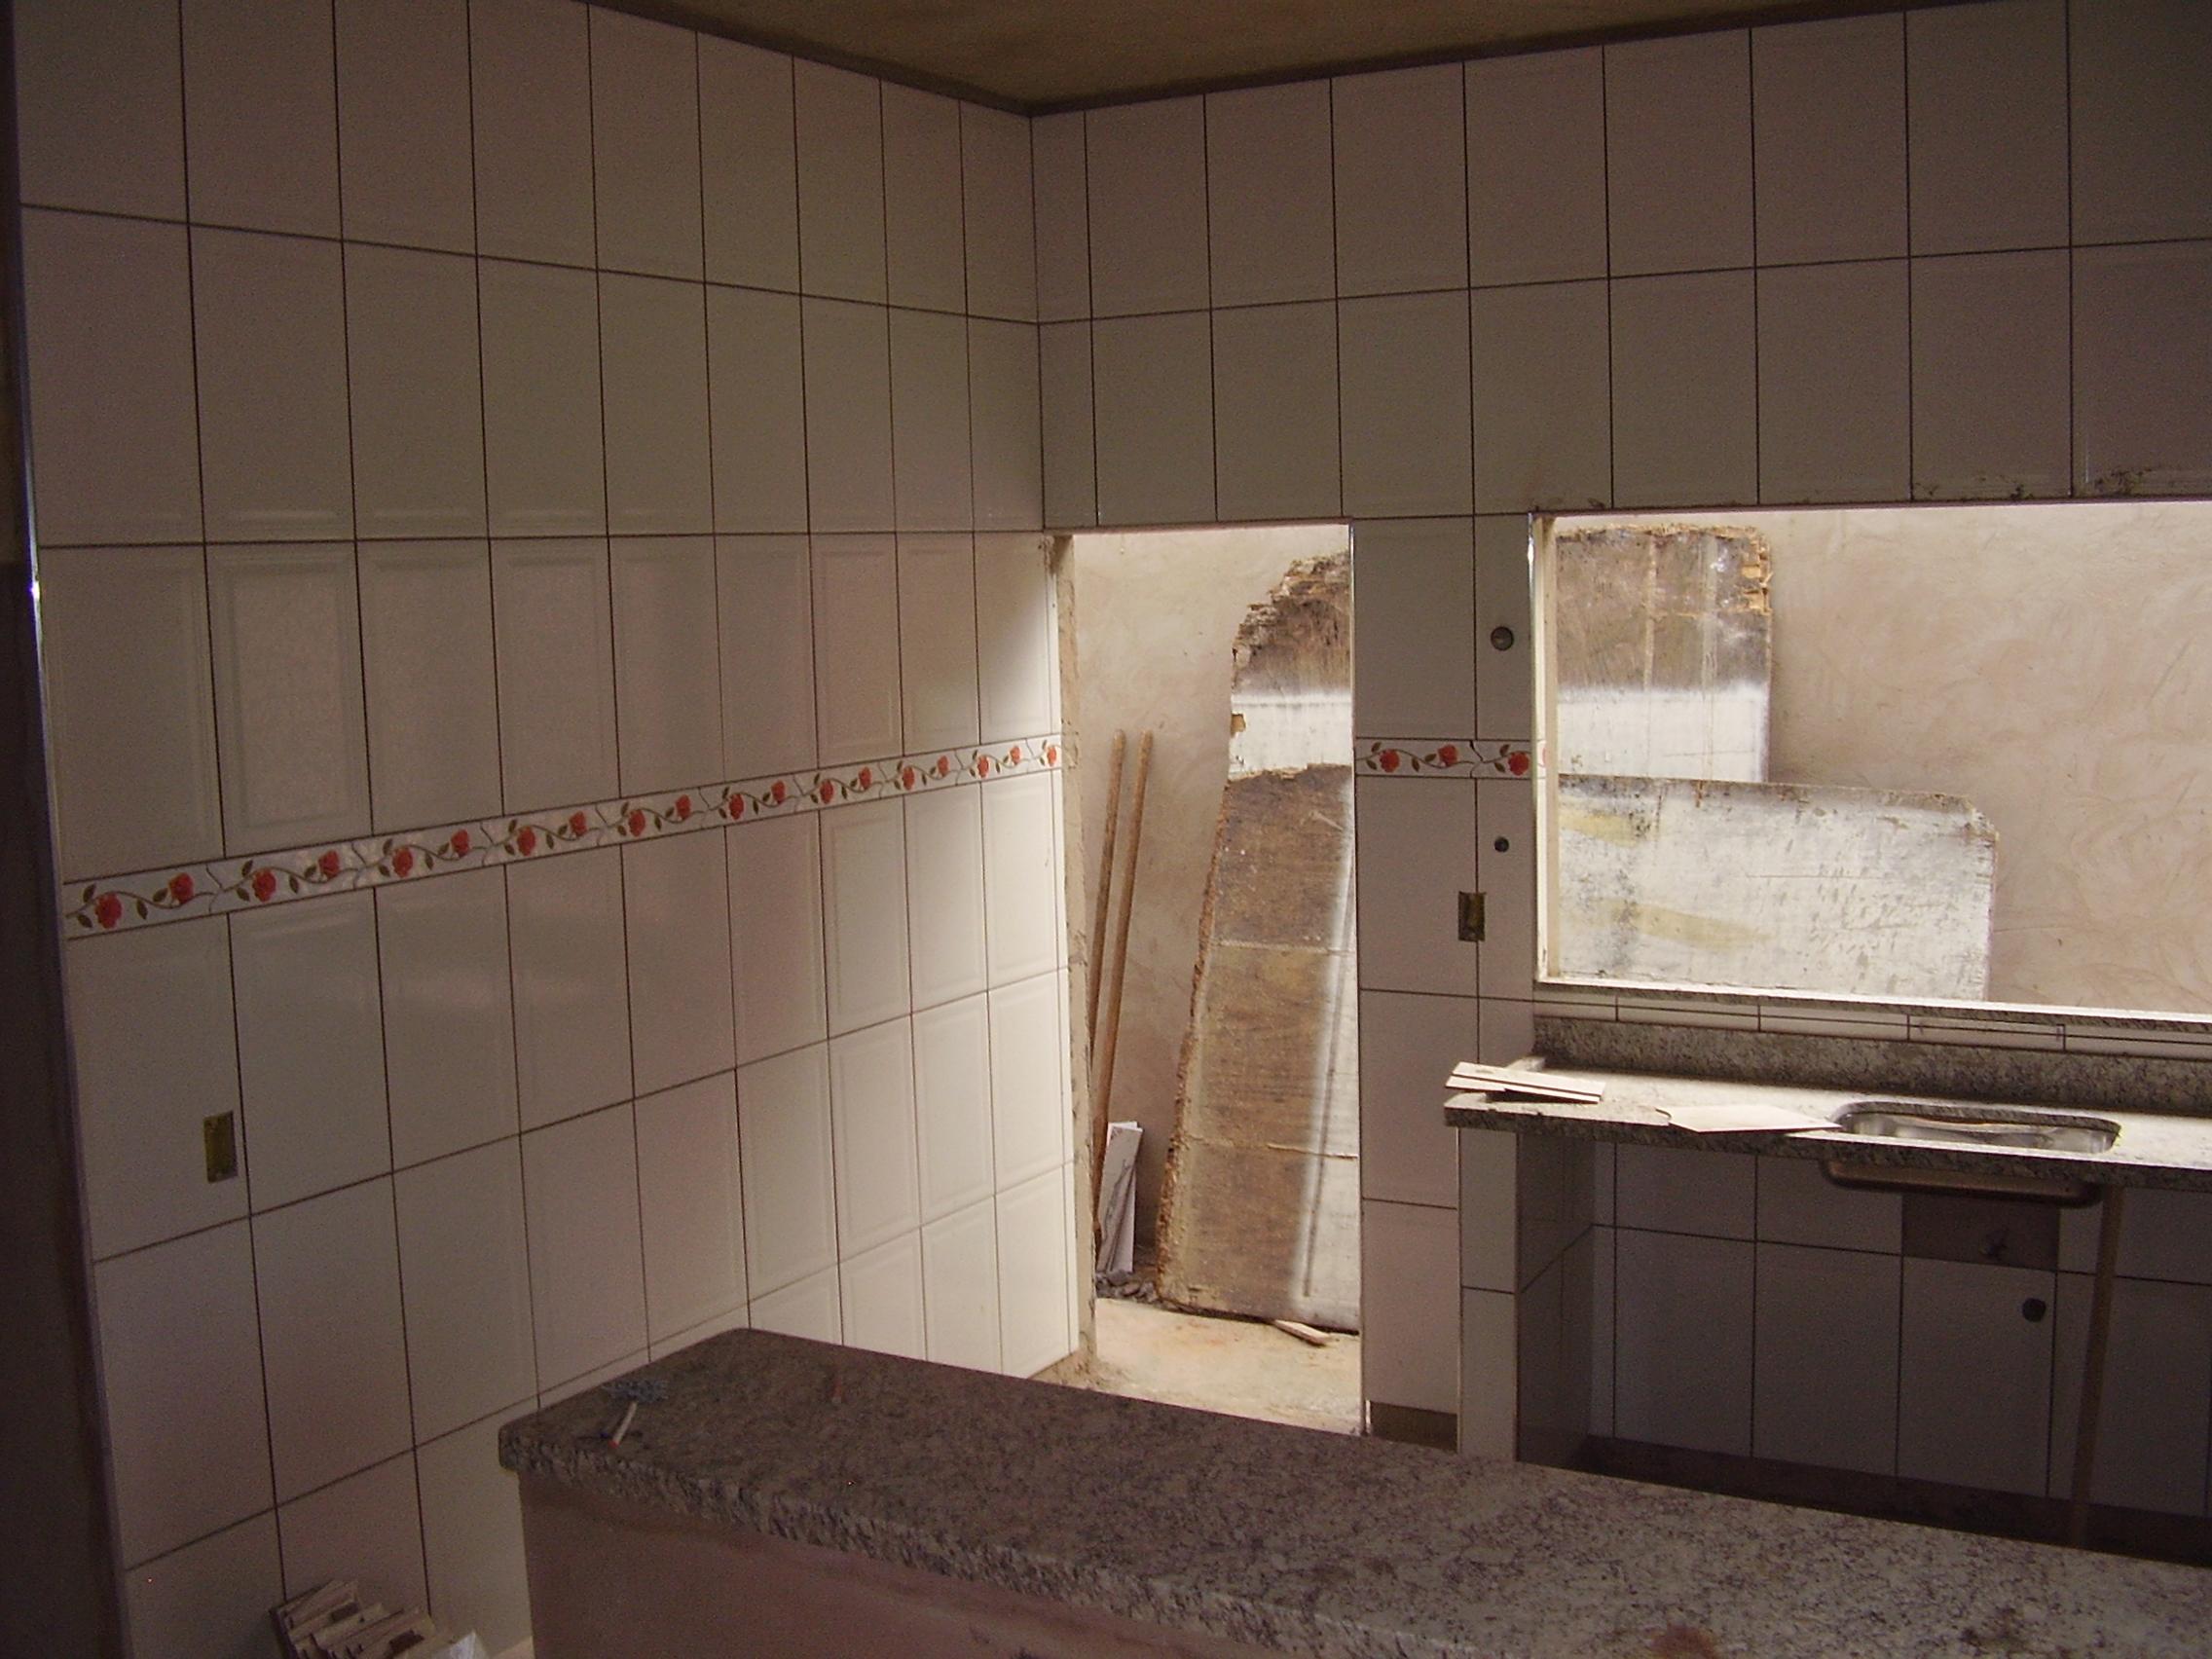 PISOS E AZULEJOS Amor vínculo da perfeição #512D9E 2272x1704 Azulejo Para Banheiro C&c